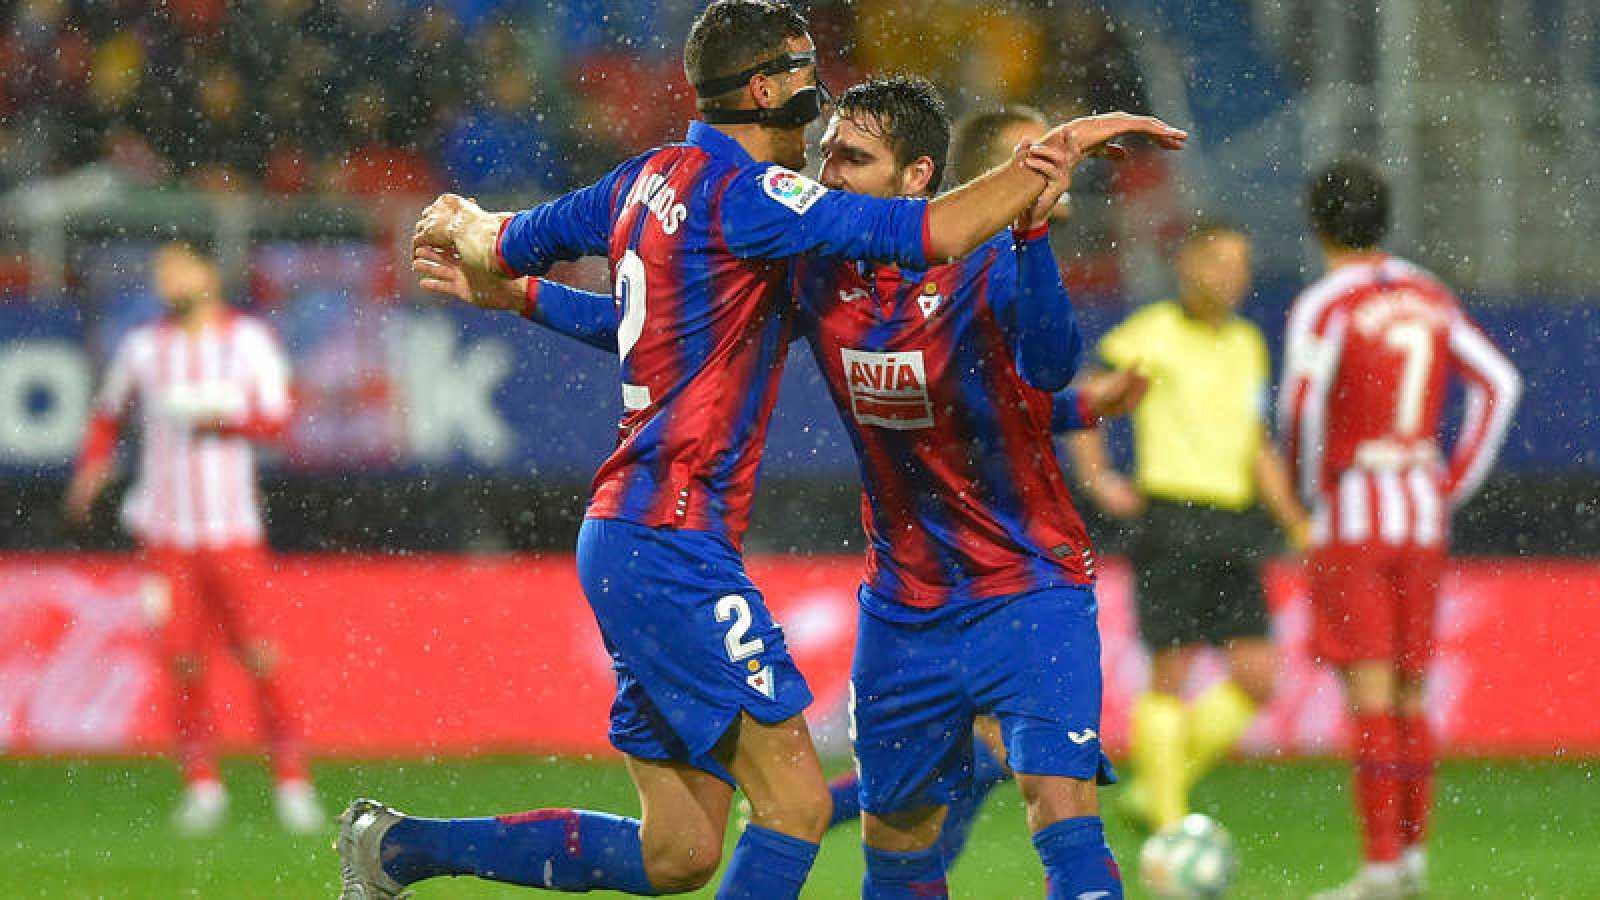 Los jugadores del Eibar Esteban Burgos y Pedro Bigas celebran el tanto del primero ante el Atlético en Ipurúa.